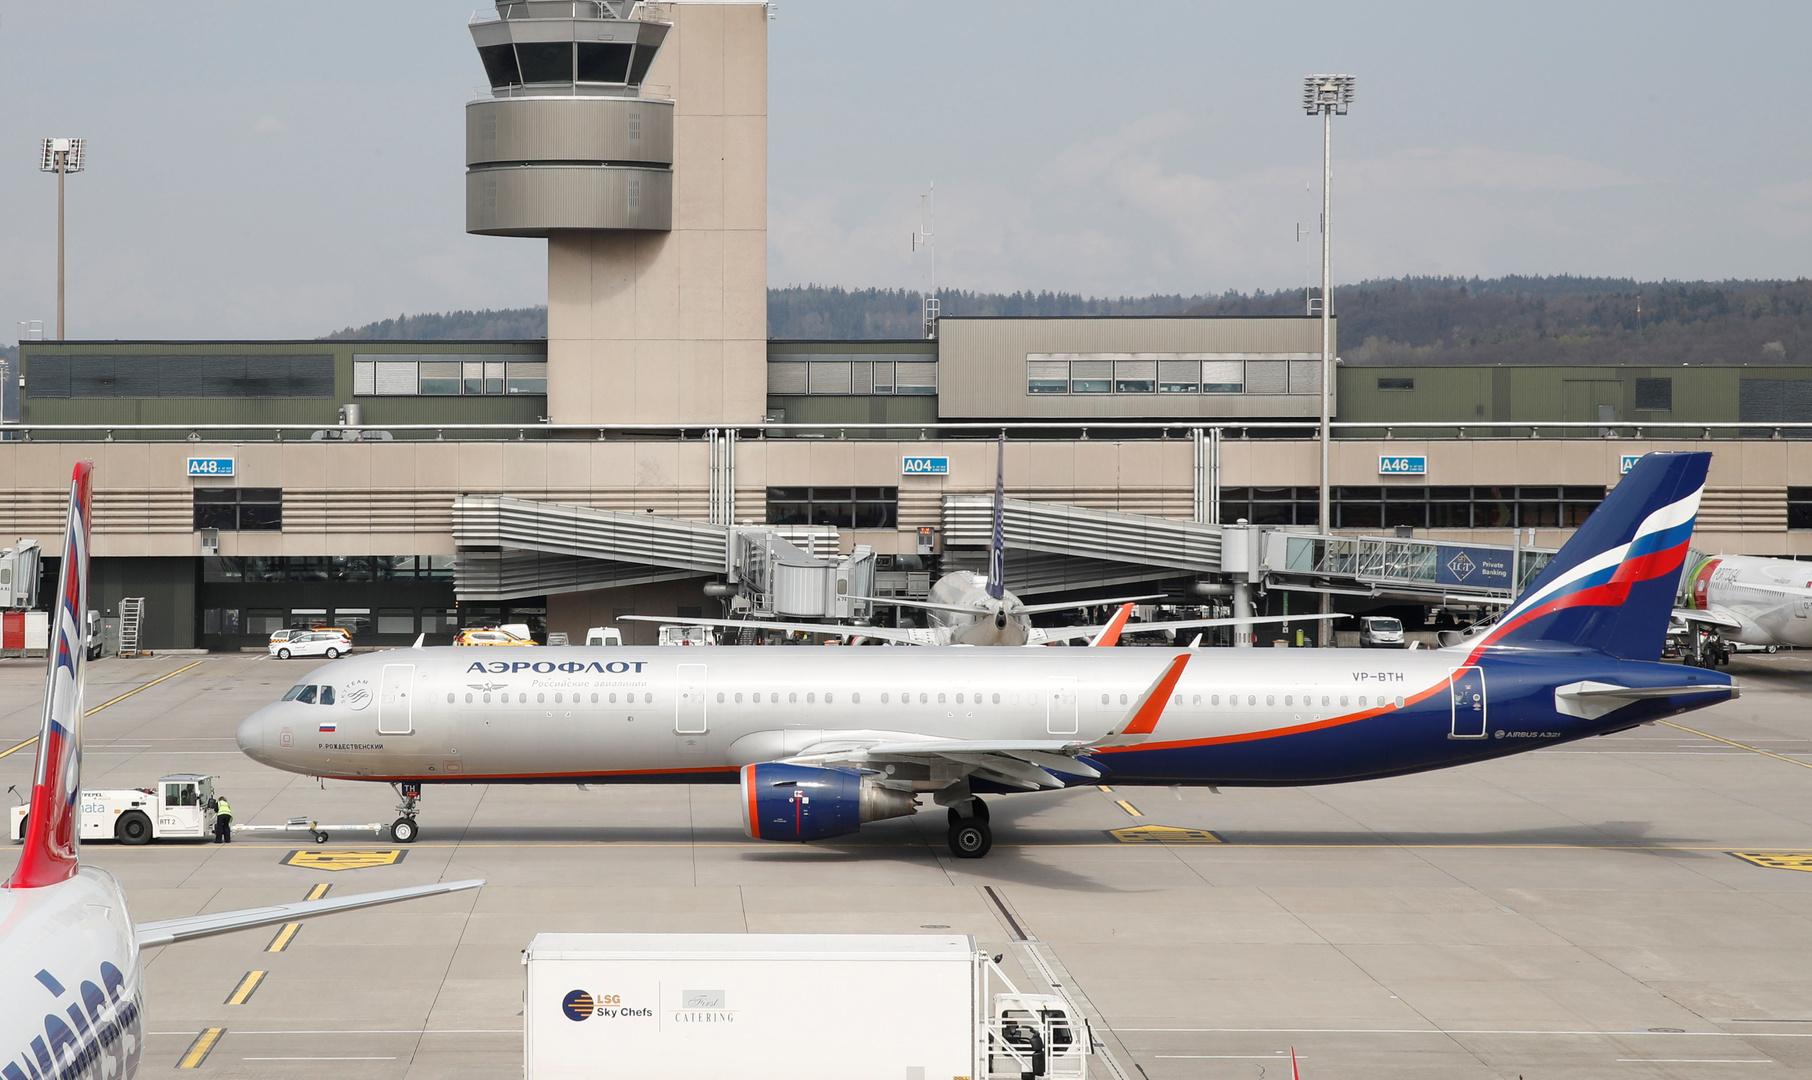 روسيا تستأنف الرحلات الجوية مع 5 دول بينها دولة عربية